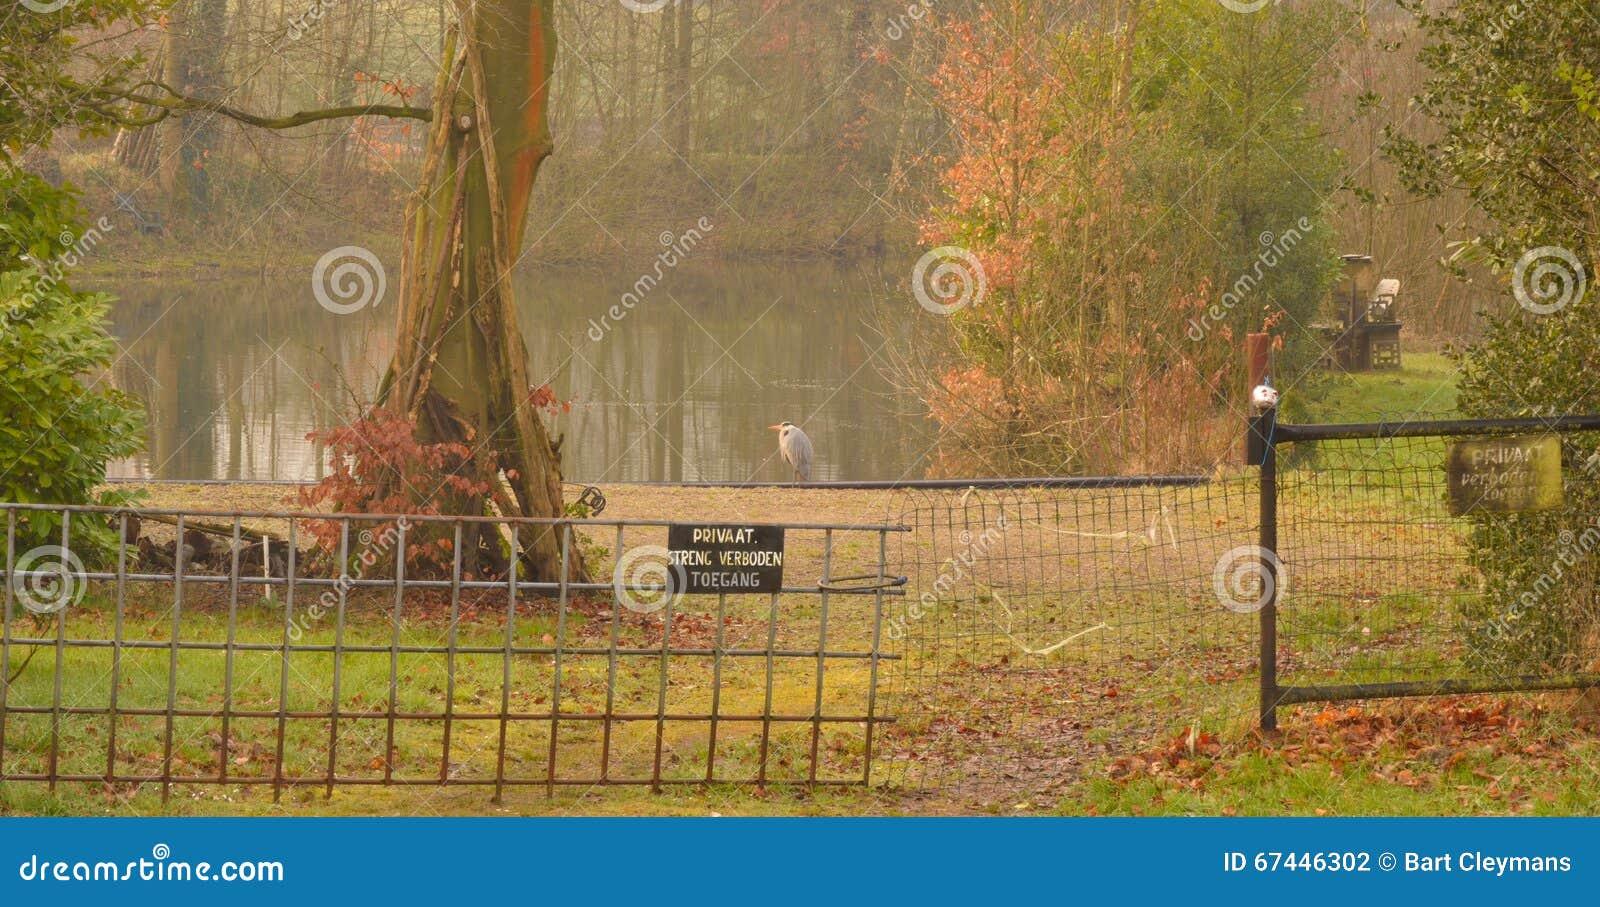 Landelijk Vlaanderen, mooie meerplaats